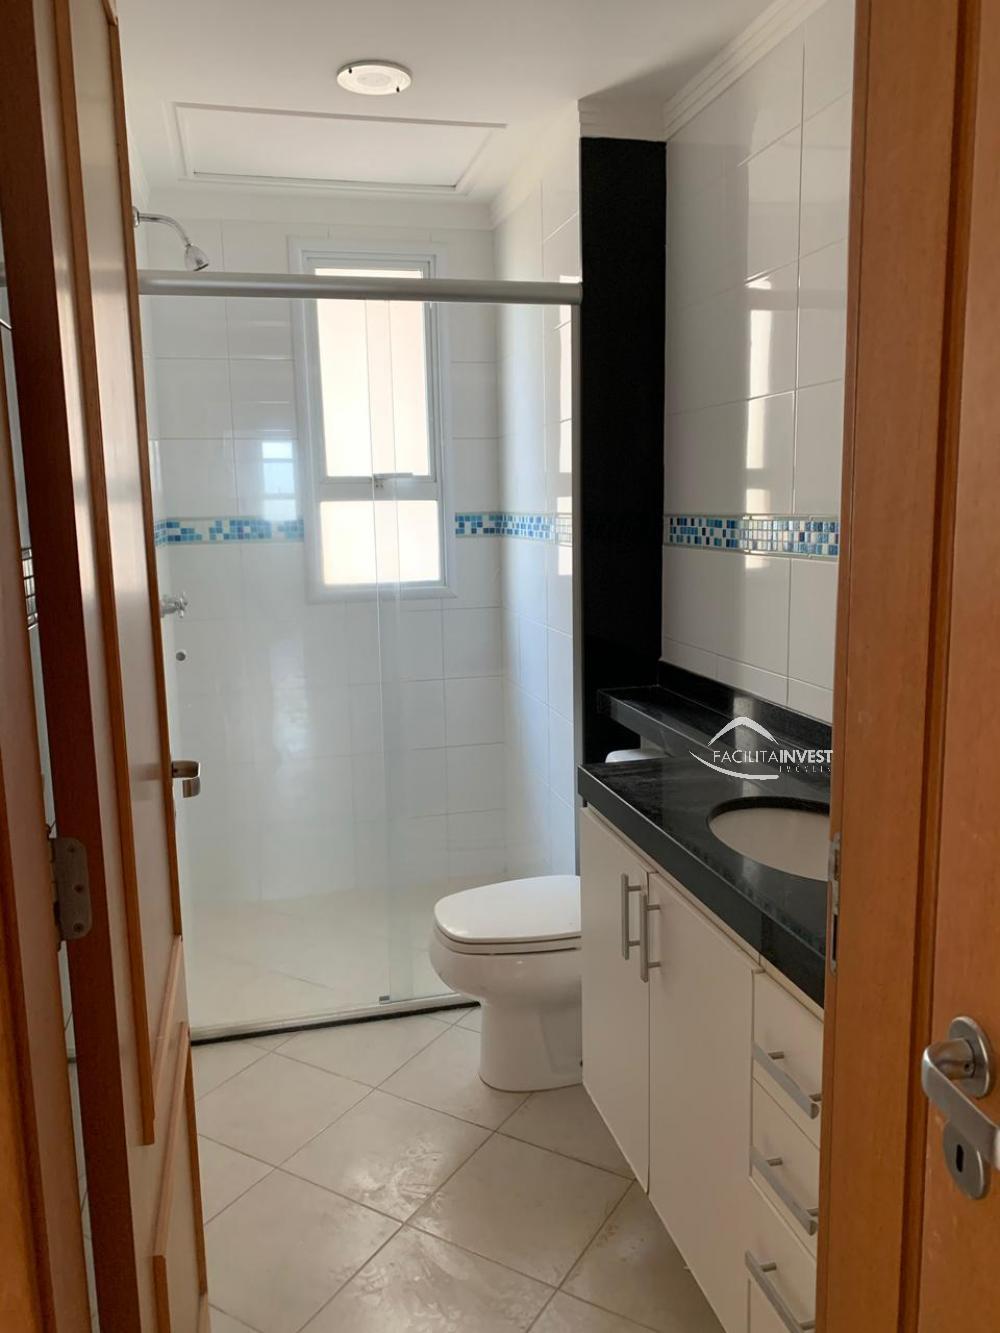 Alugar Apartamentos / Apart. Padrão em Ribeirão Preto R$ 2.800,00 - Foto 7